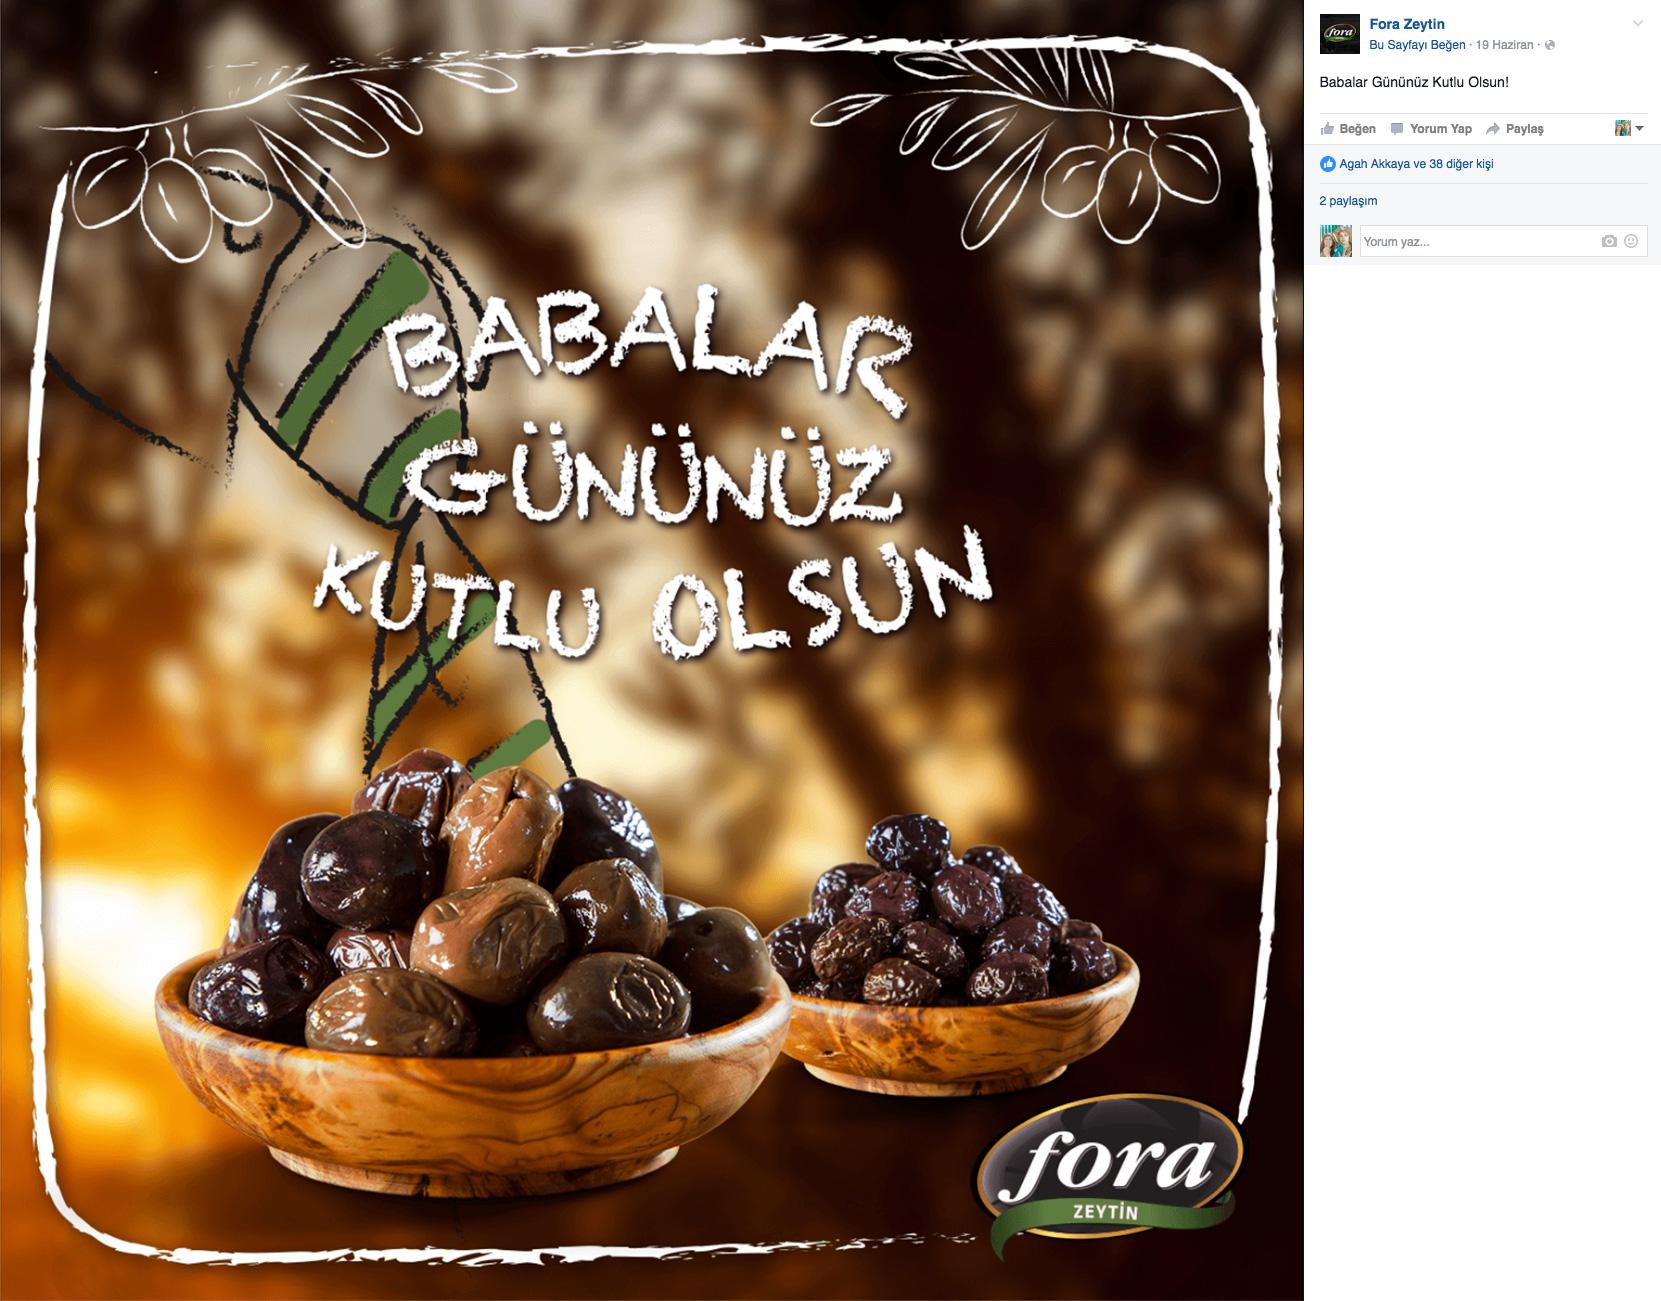 fora_zeytin_sosyal_medya_3_babalar_gunu